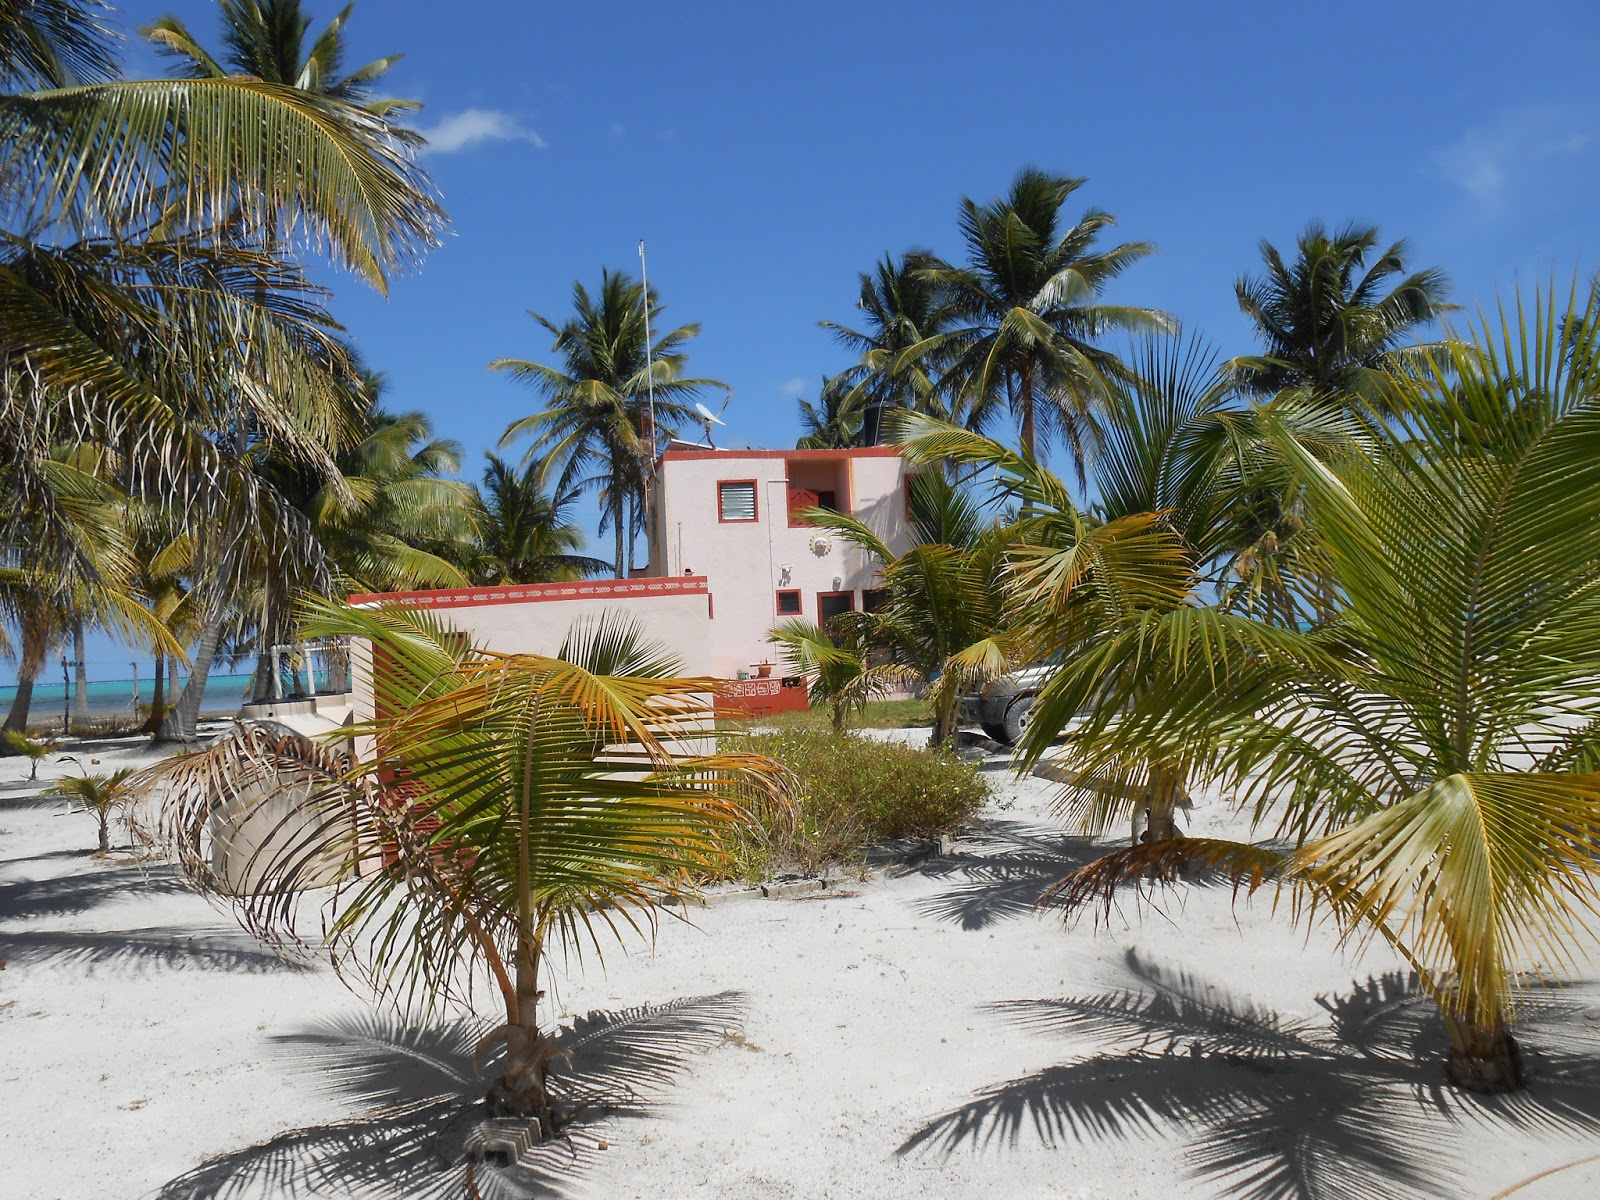 Caribbean Beach House For Sale